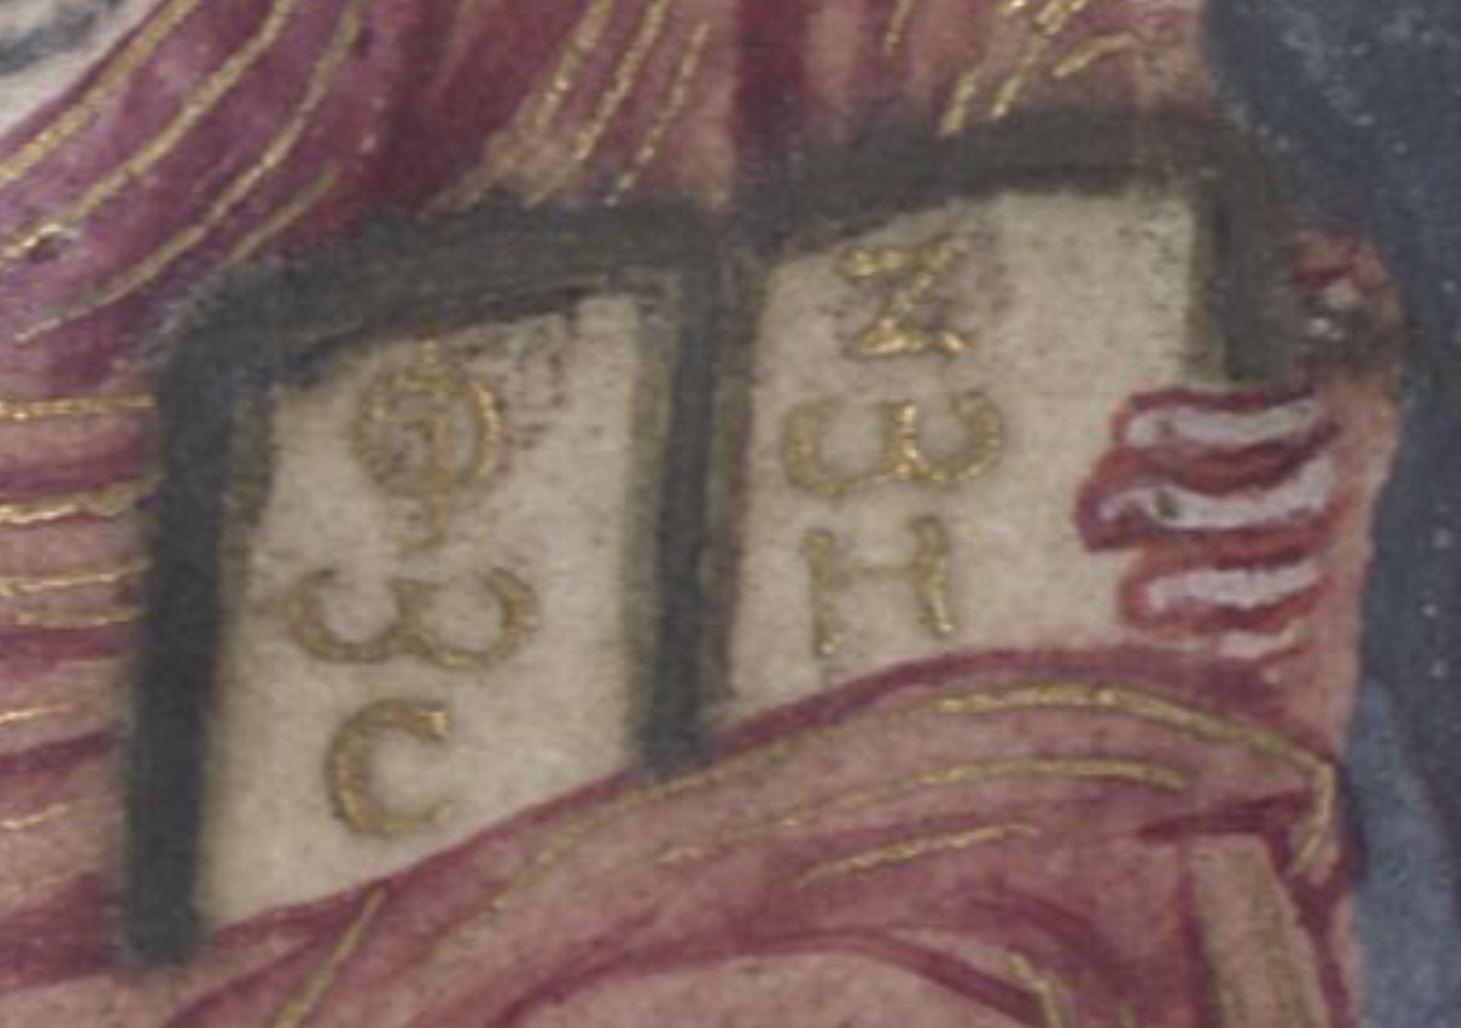 Evangeliaire de Weingarten HB II 40 fol 1v wurttembergisches landesbibliothek stuttgart detail livre